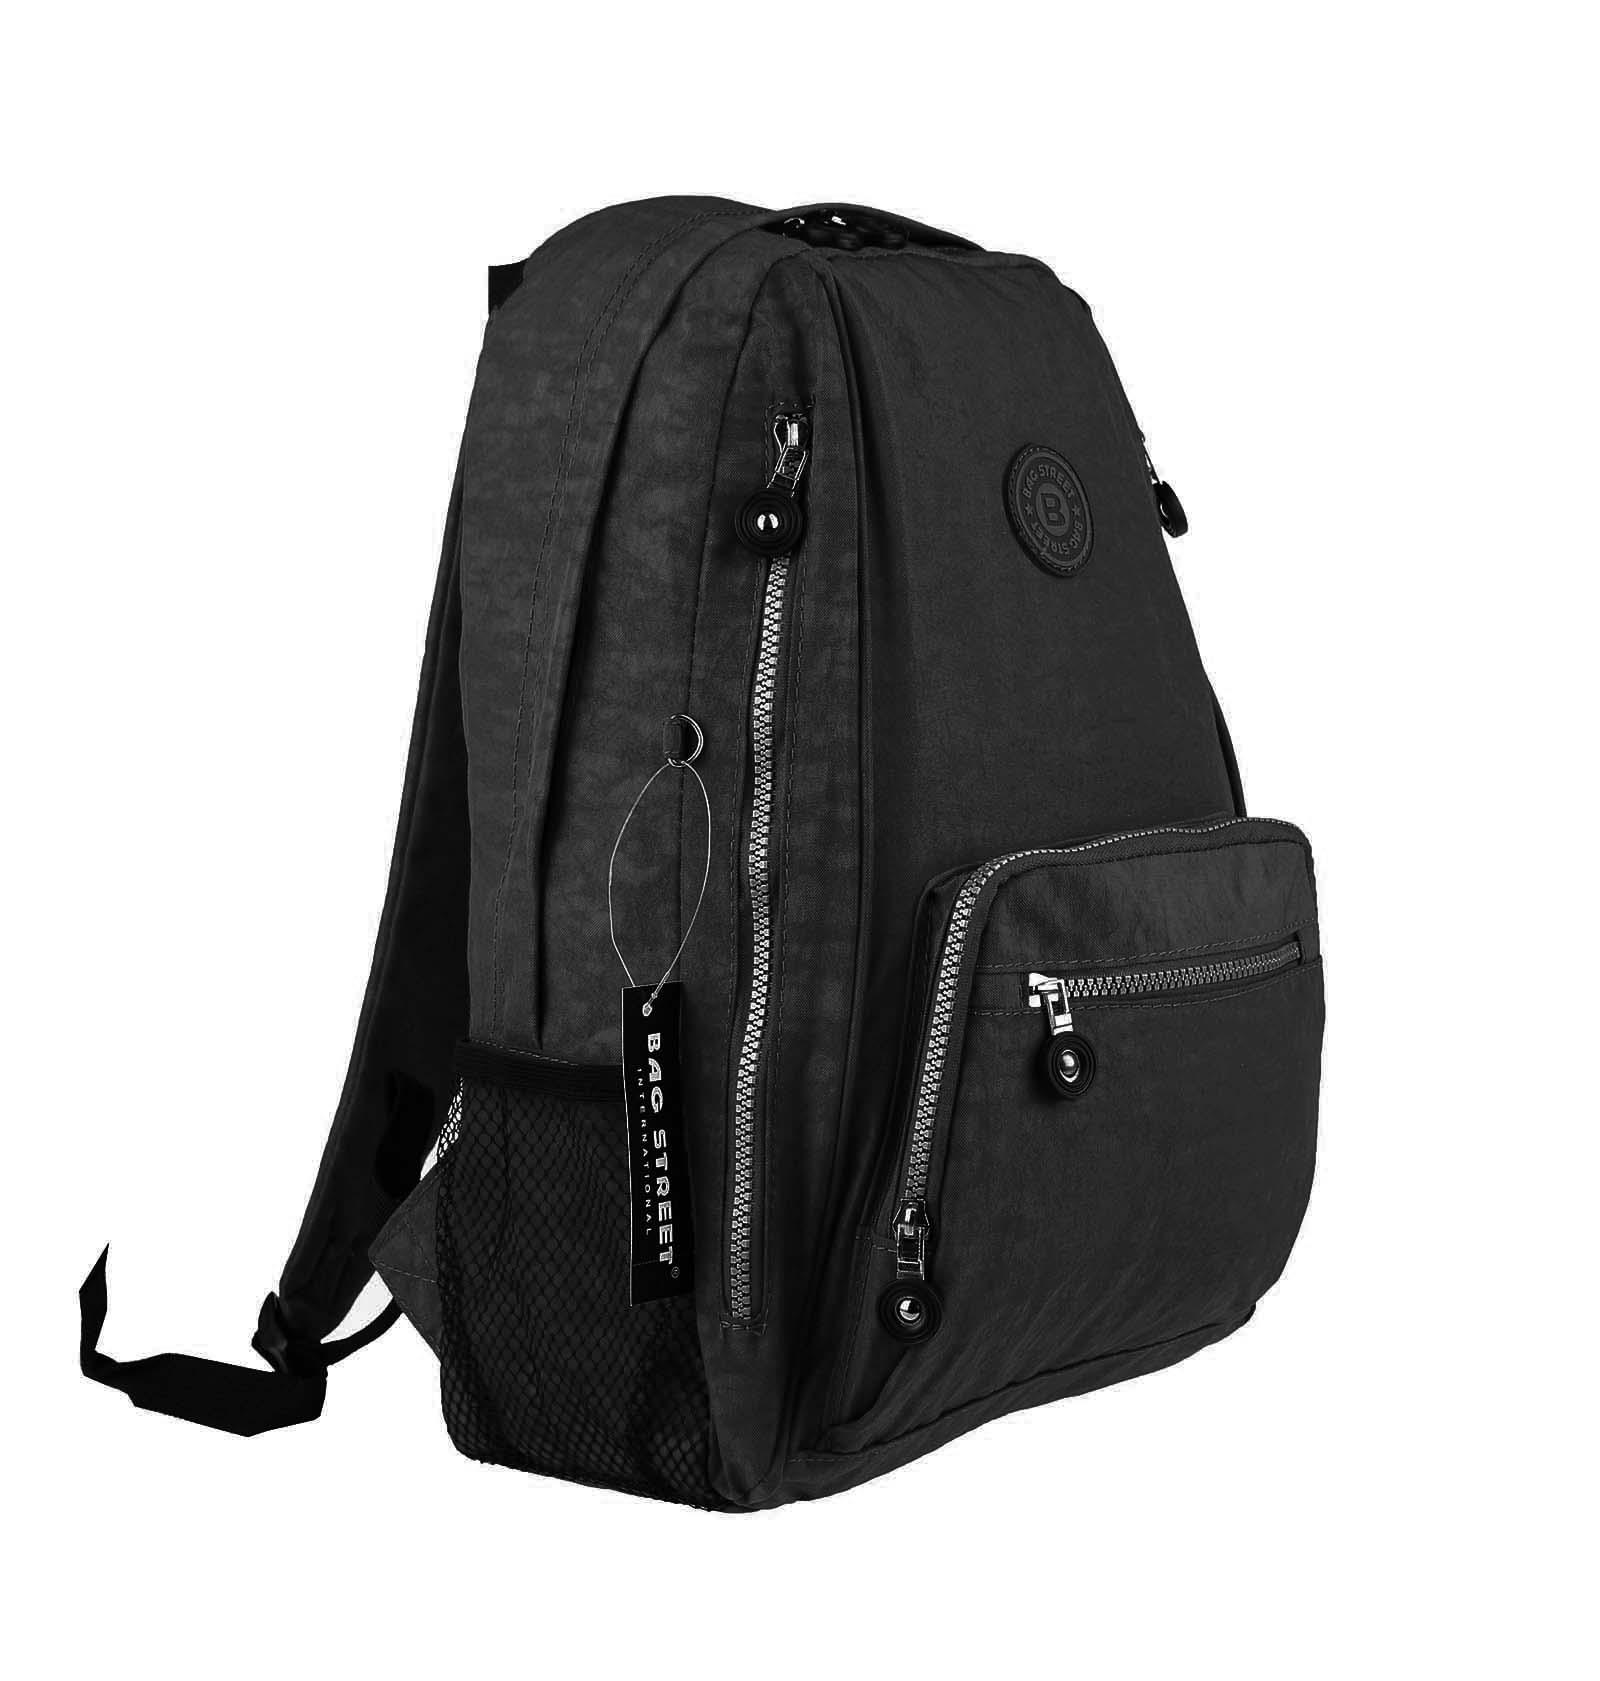 Pc À Sport Unisexe Comprimé Dos Sac Bagage Voyage Portable École Loisir Ville Zx5qRABv